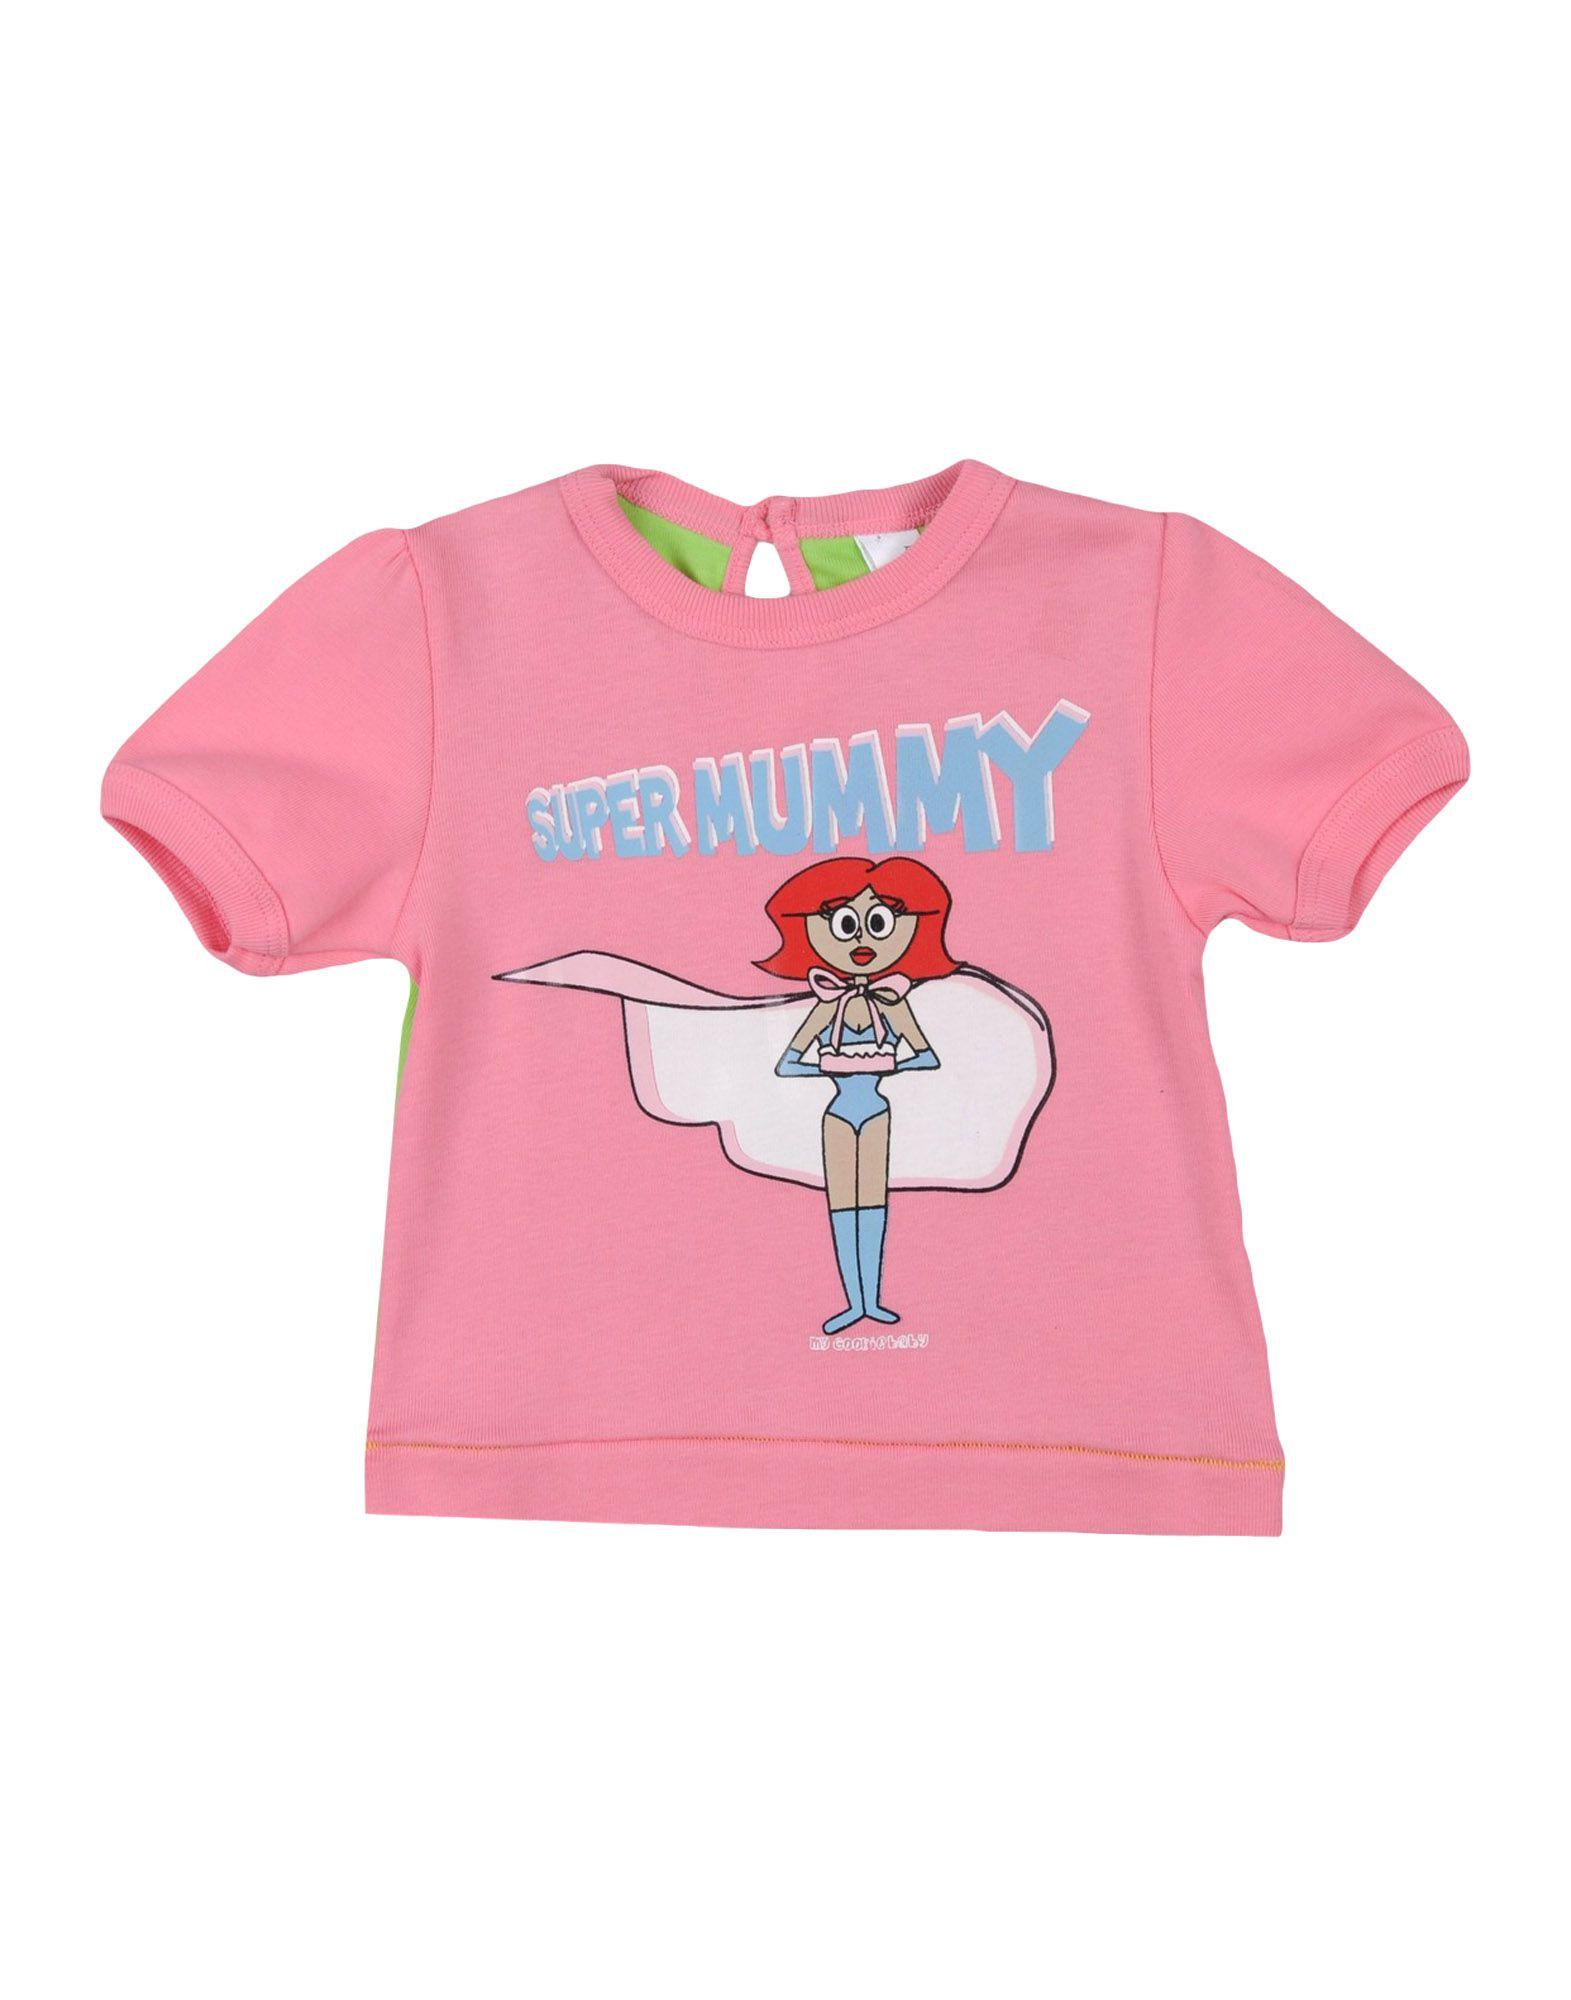 MY COOKIE BABY Mädchen 0-24 monate T-shirts Farbe Rosa Größe 4